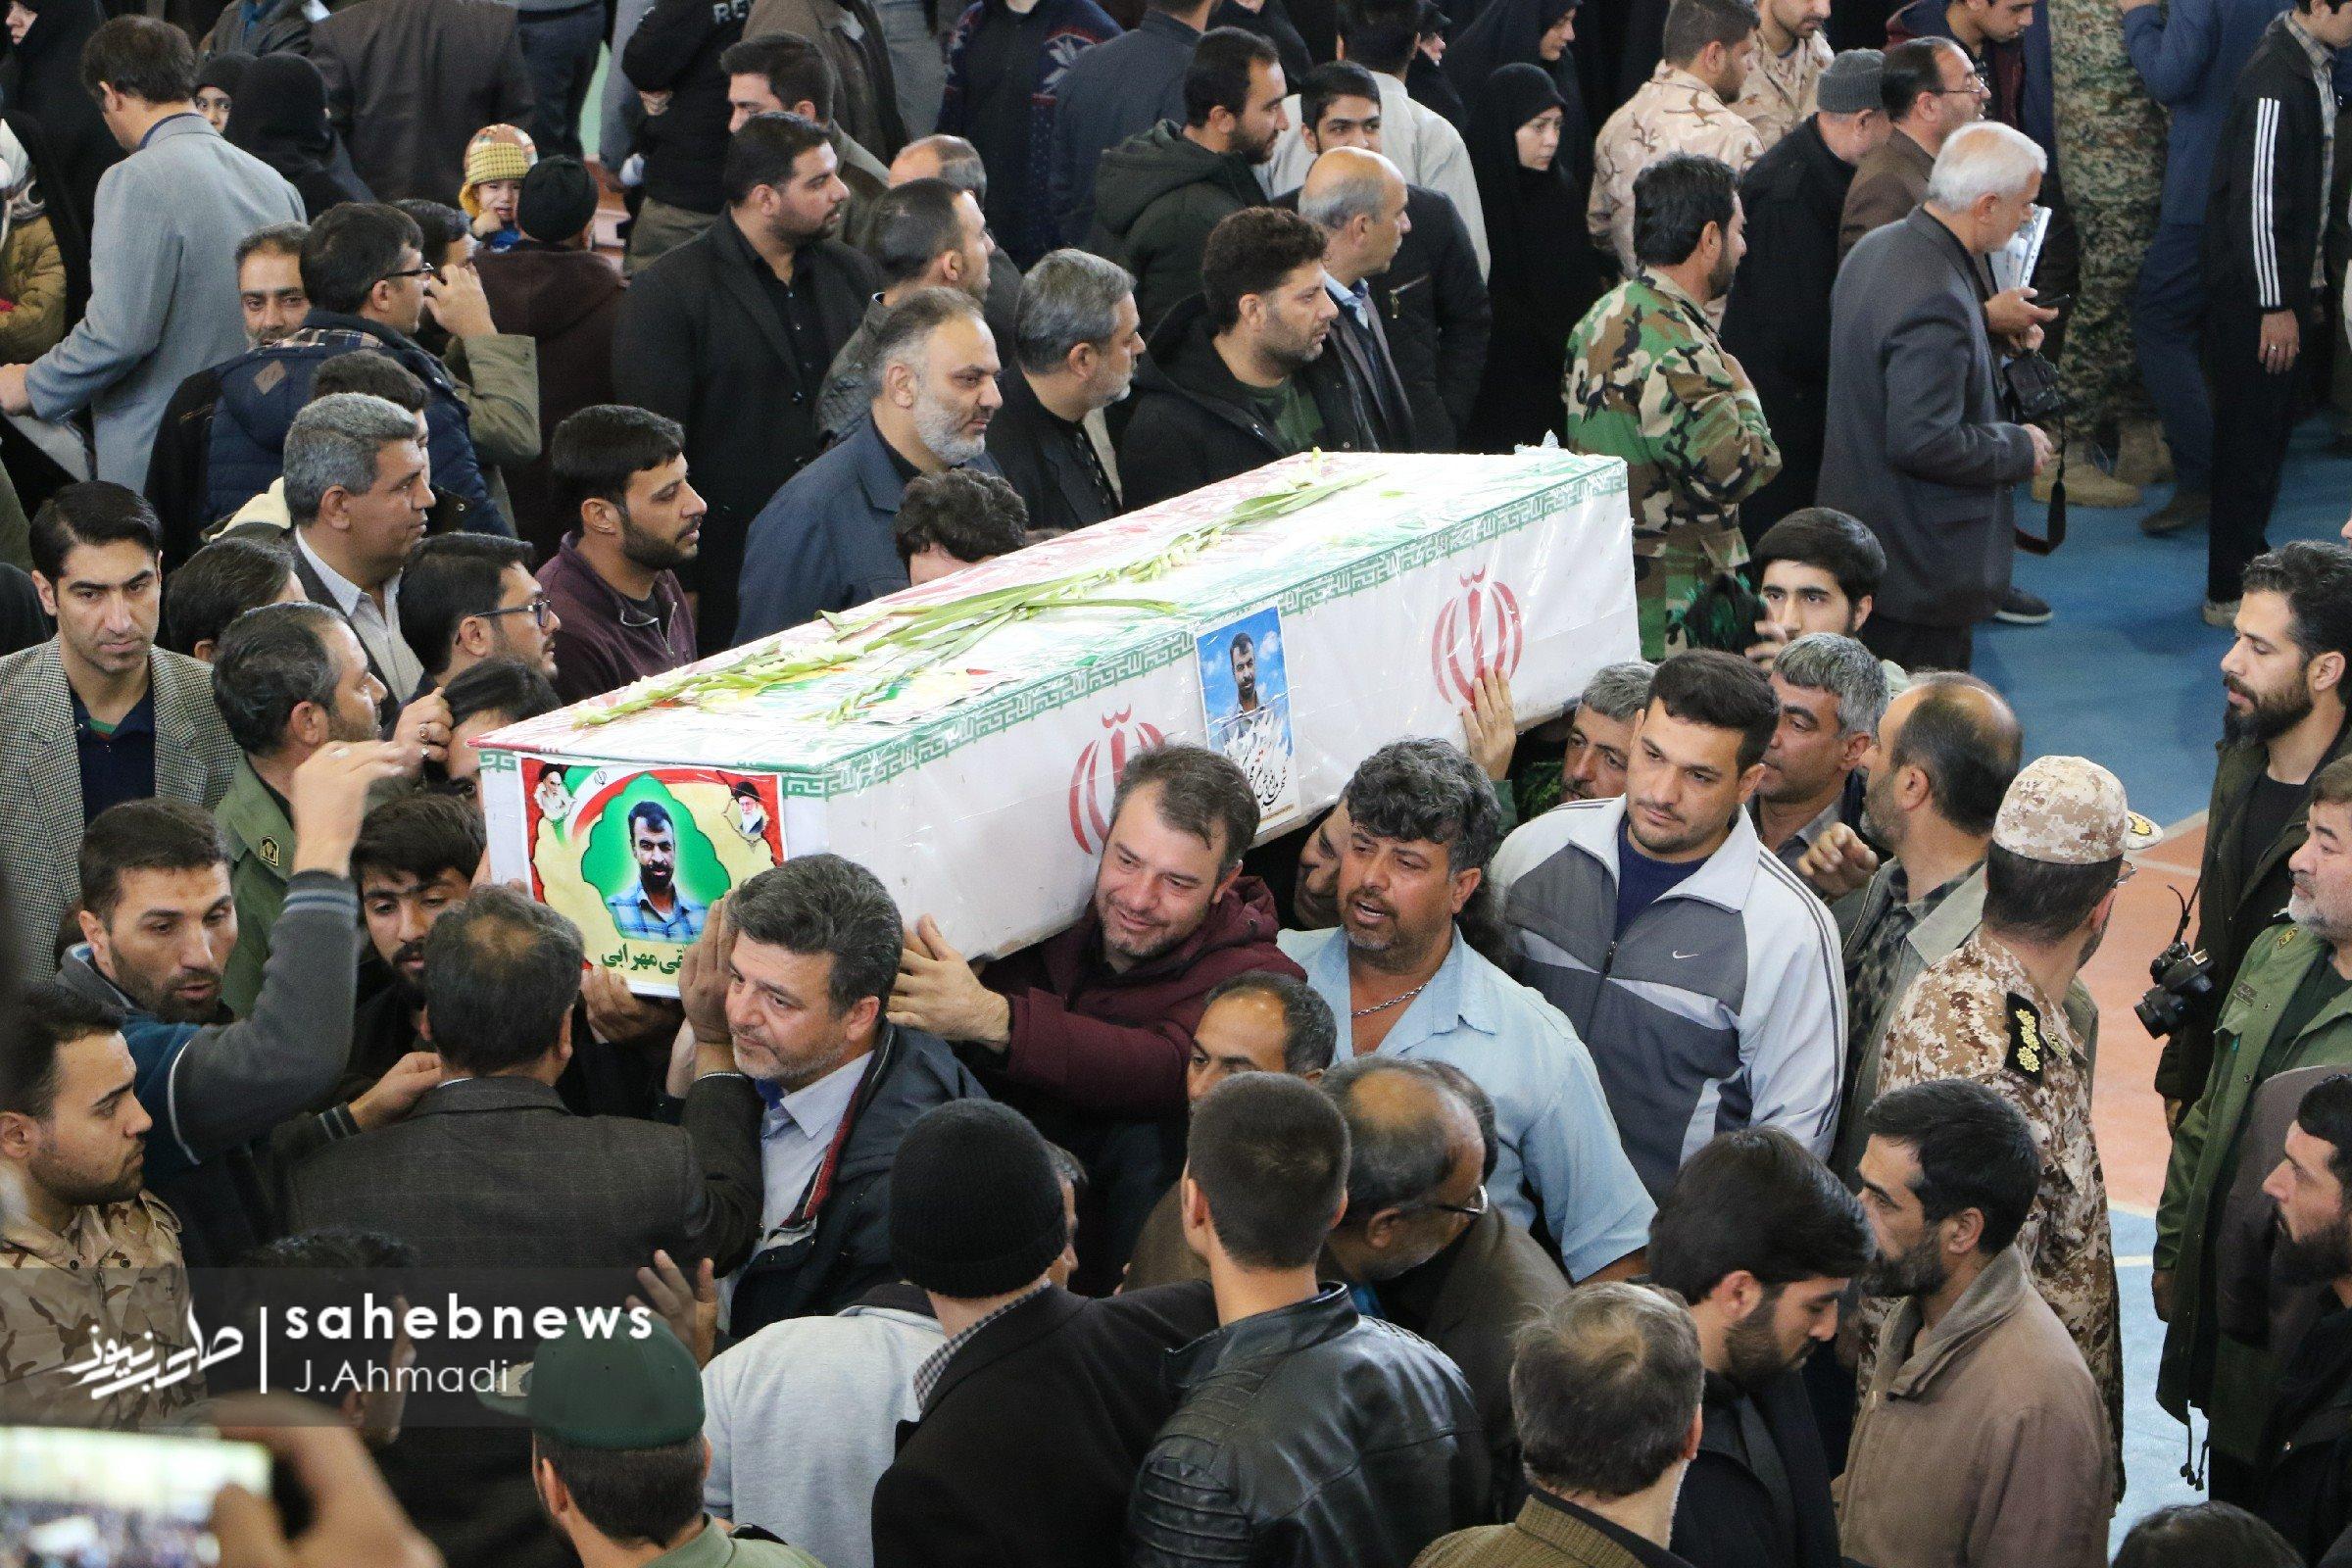 27 شهید حادثه تروریستی اصفهان (18)